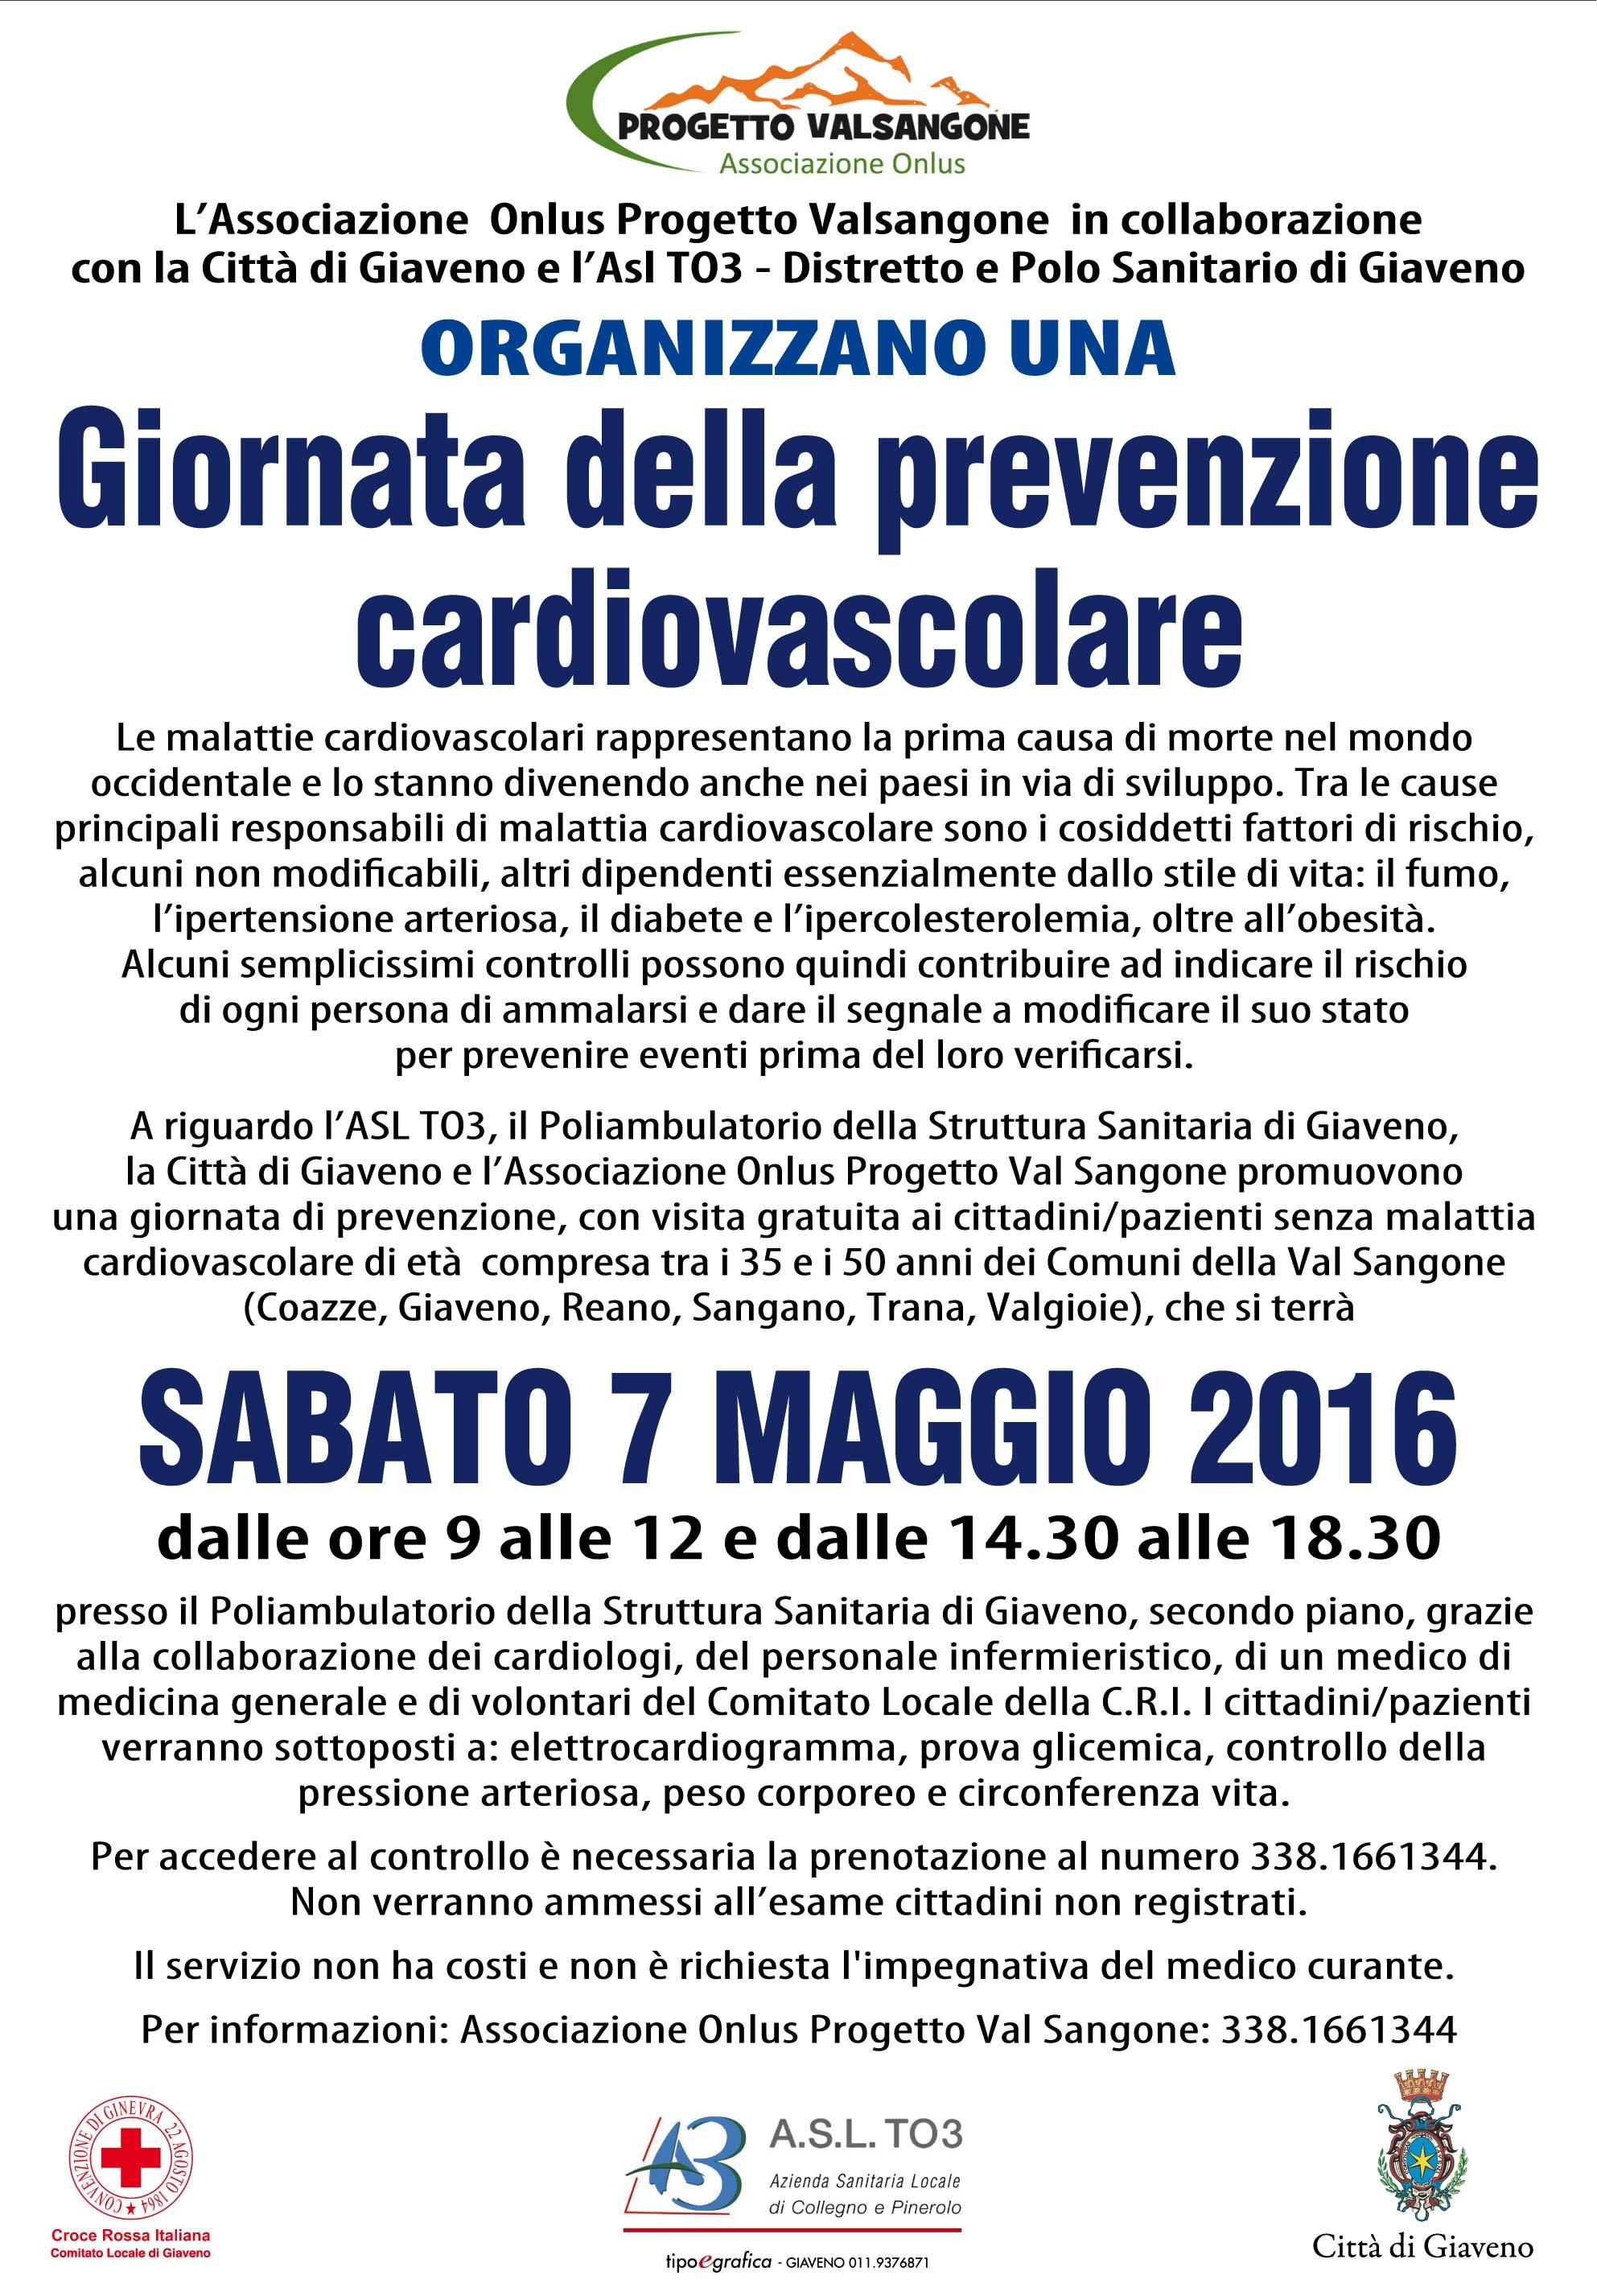 Giornata della Prevenzione Cardiovascolare  – Sabato 7 maggio 2016